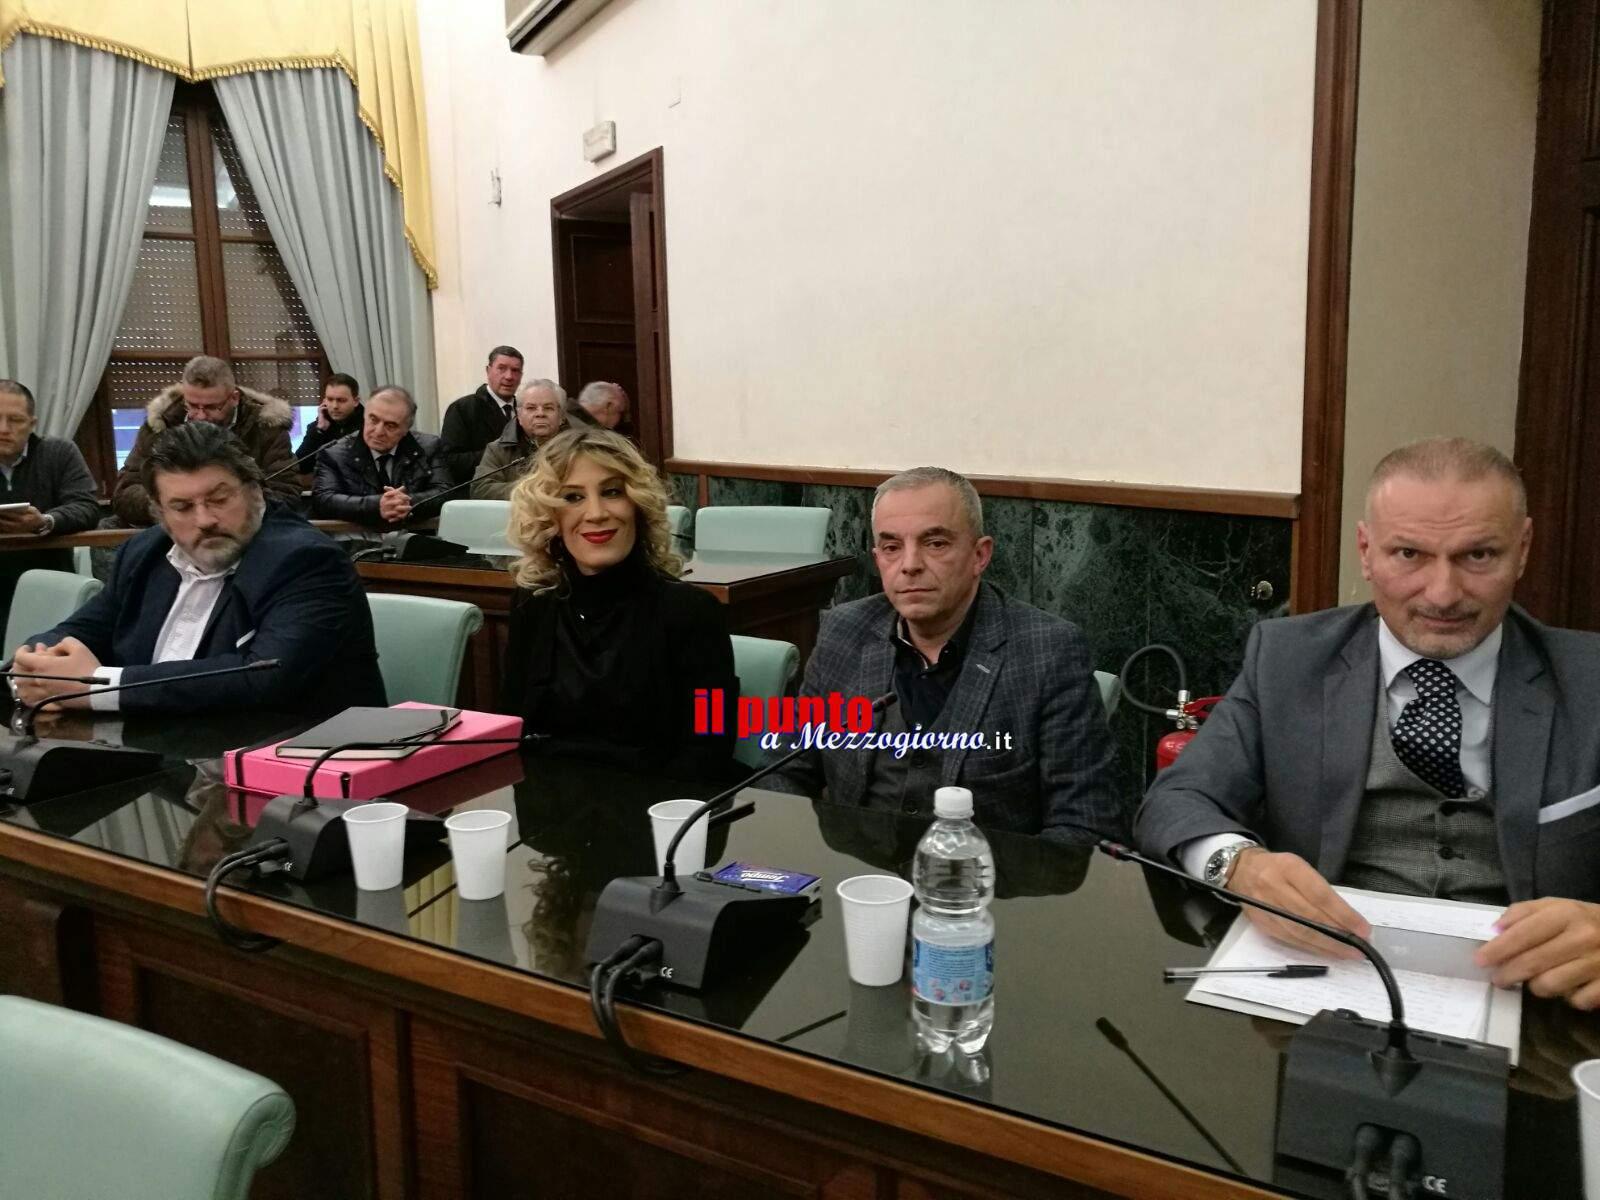 Provincia di Frosinone- Insediato il consiglio che affiancherà il presidente Pompeo